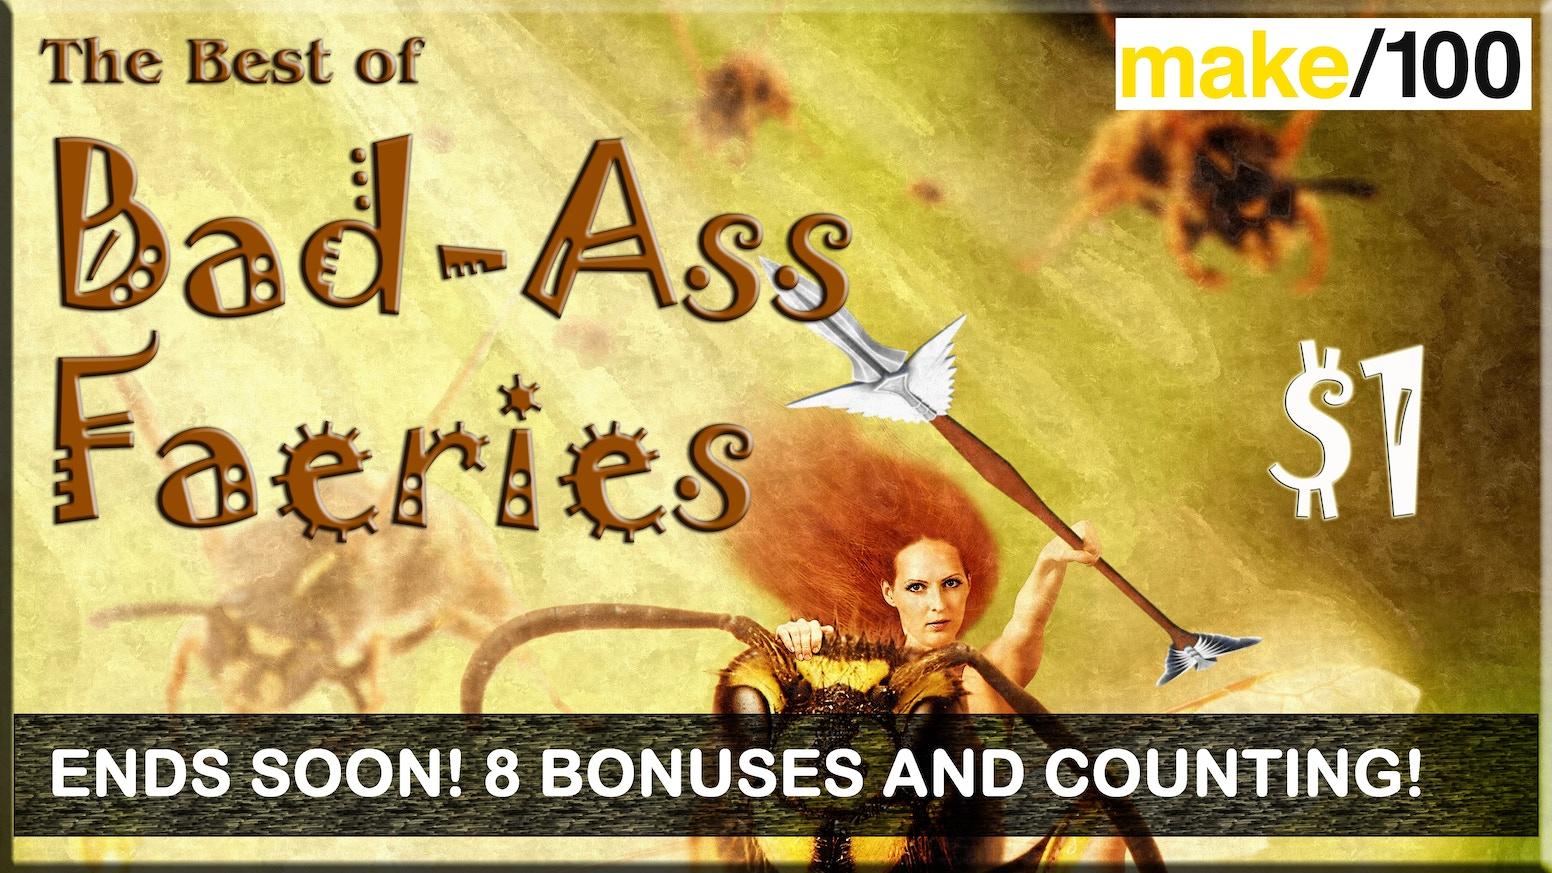 Make 100: The Best of Bad-Ass Faeries by eSpec Books — Kickstarter